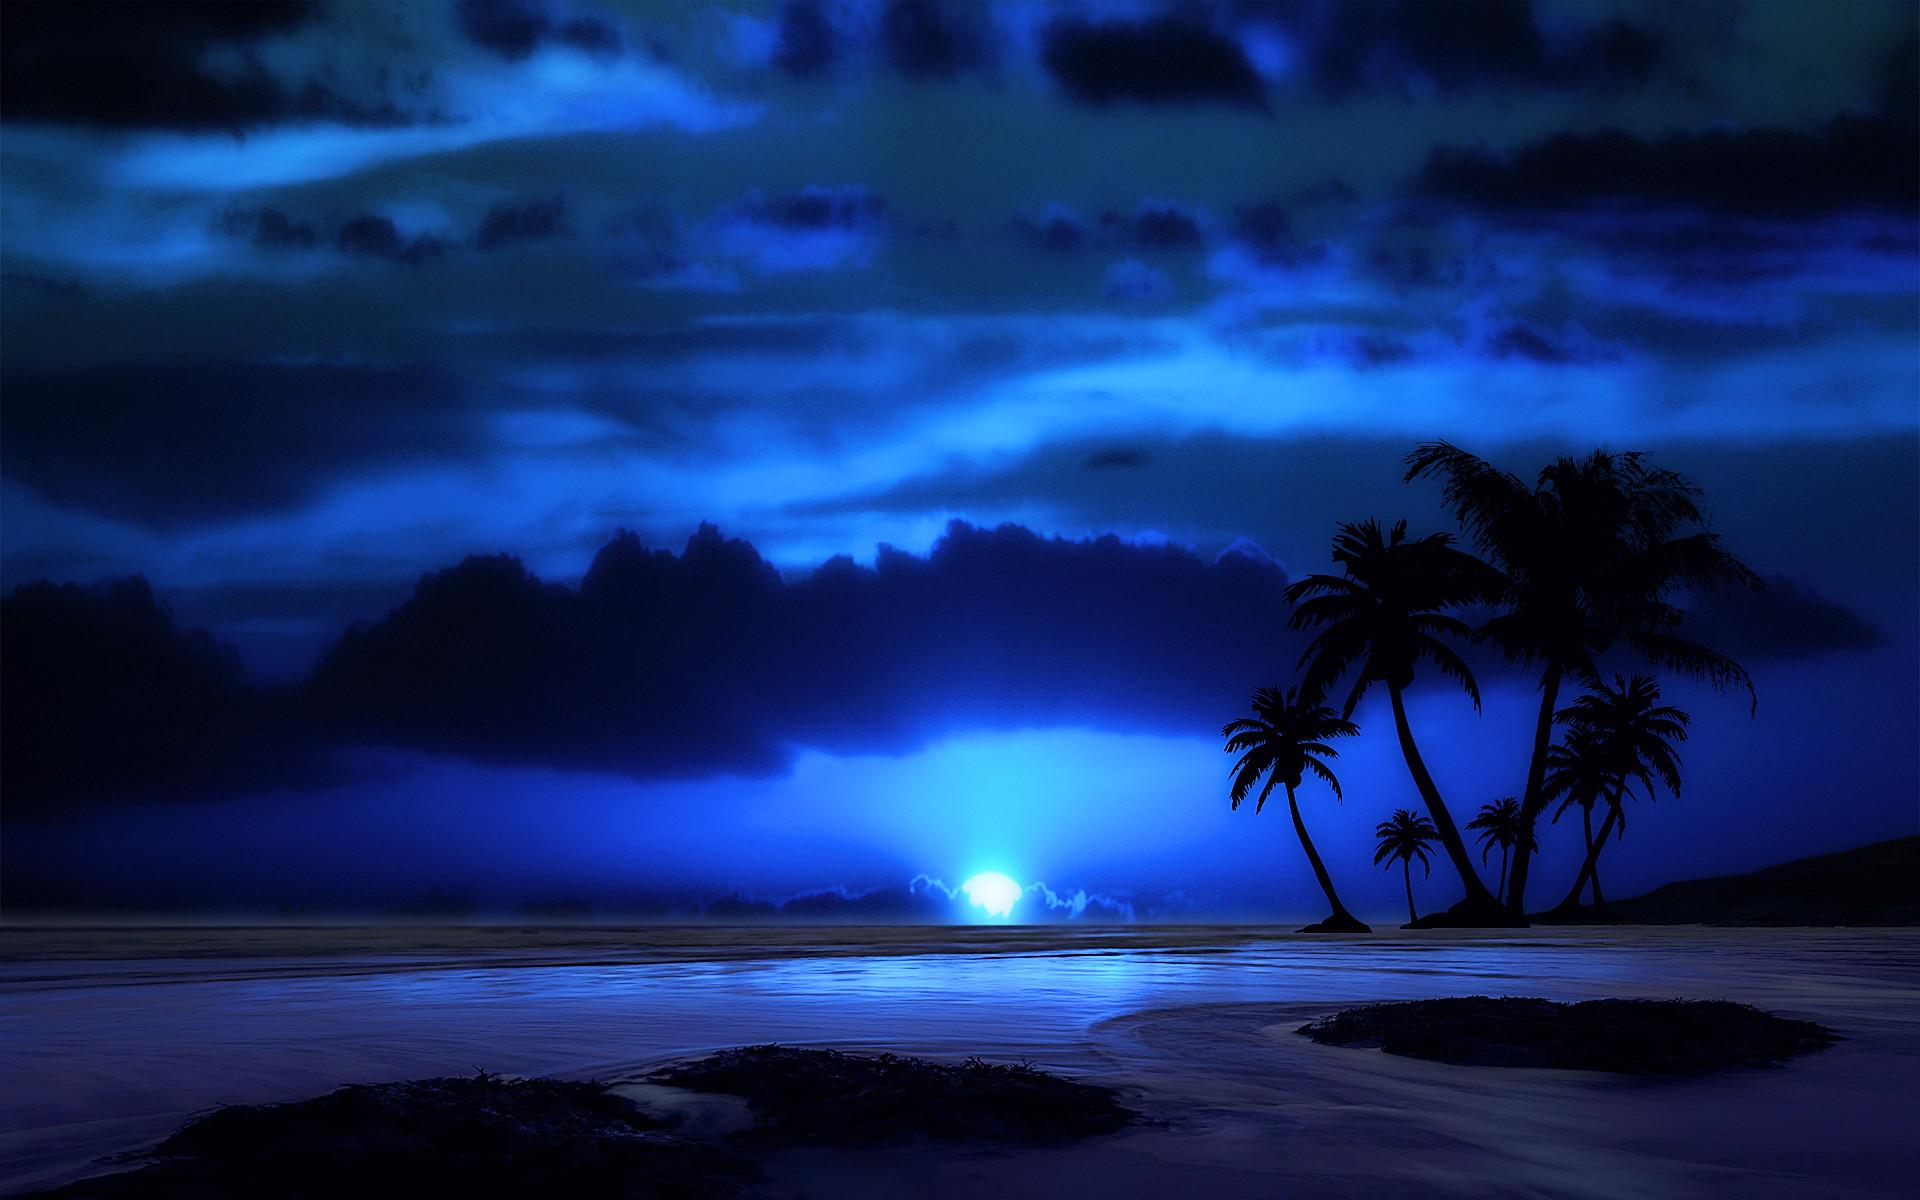 Res: 1920x1200, Artistic - Beach Artistic Tropical Palm Tree Night Ocean Sea Blue Moon  Cloud Silhouette Horizon Wallpaper